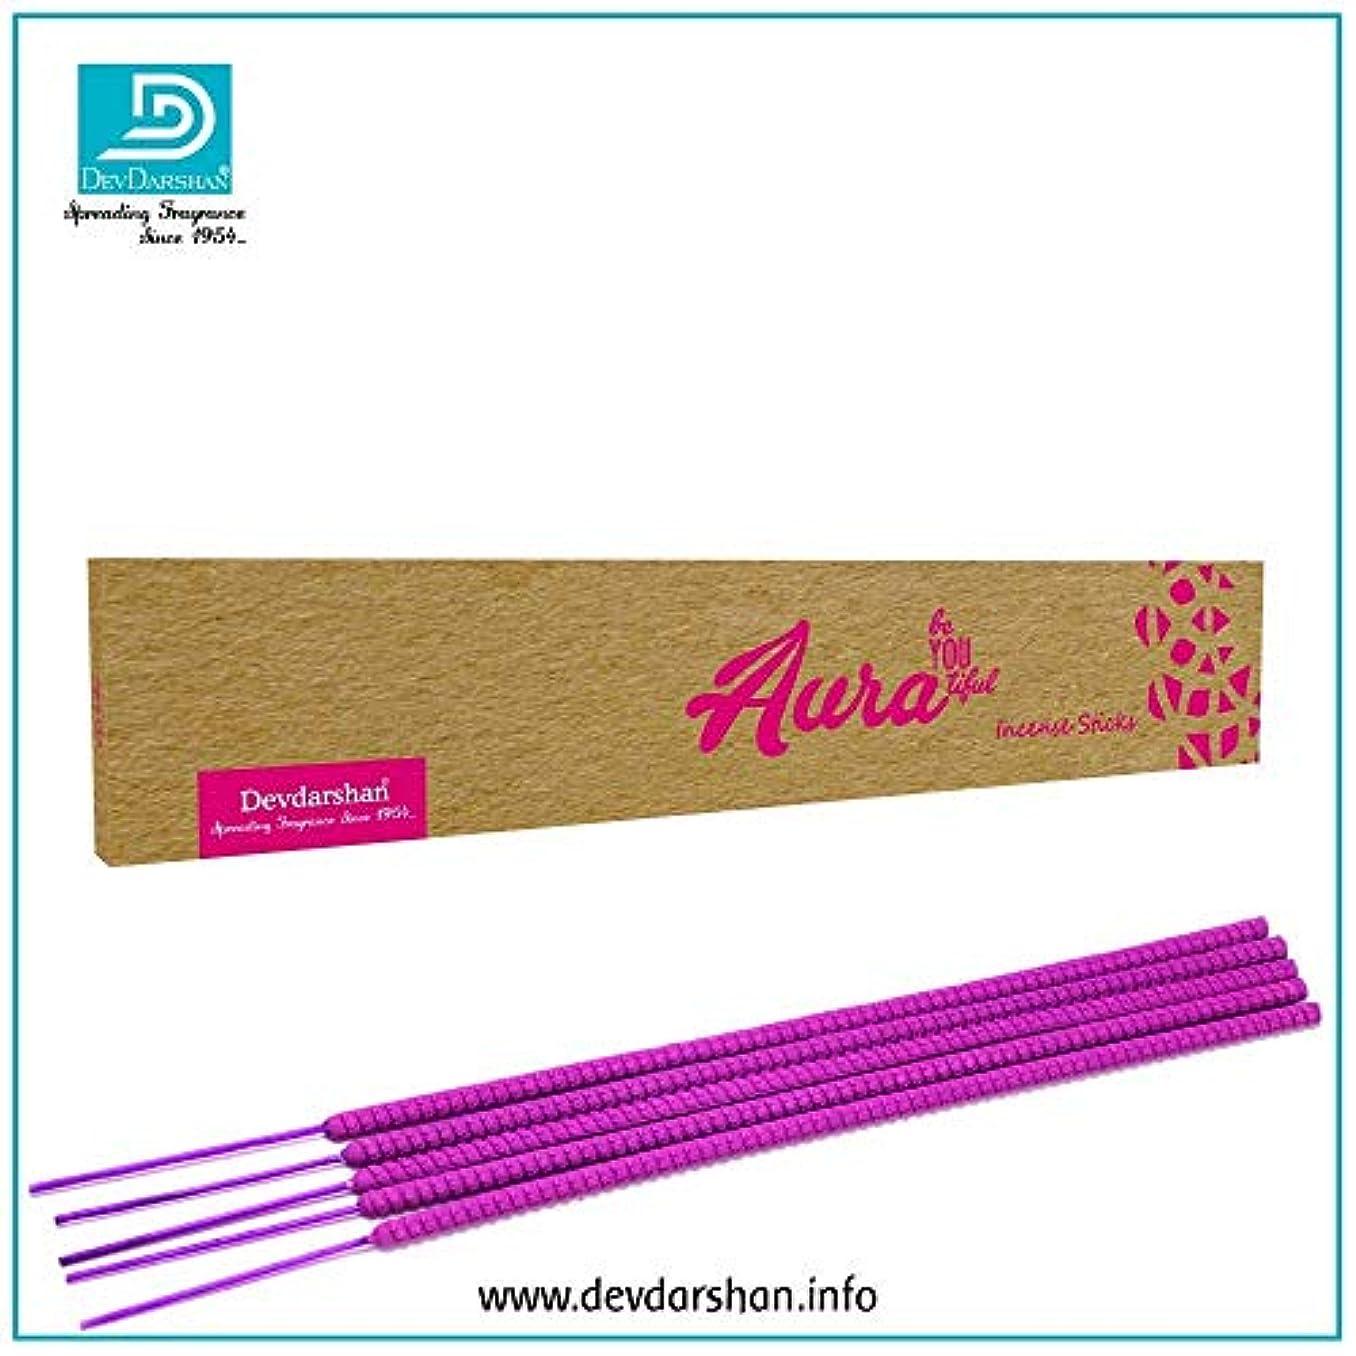 予感間違いあいにくDevdarshan Aura Exotic 16 Inch Incense Sticks with 2 Hours Burning (2 Packs of 5 Stick Each)